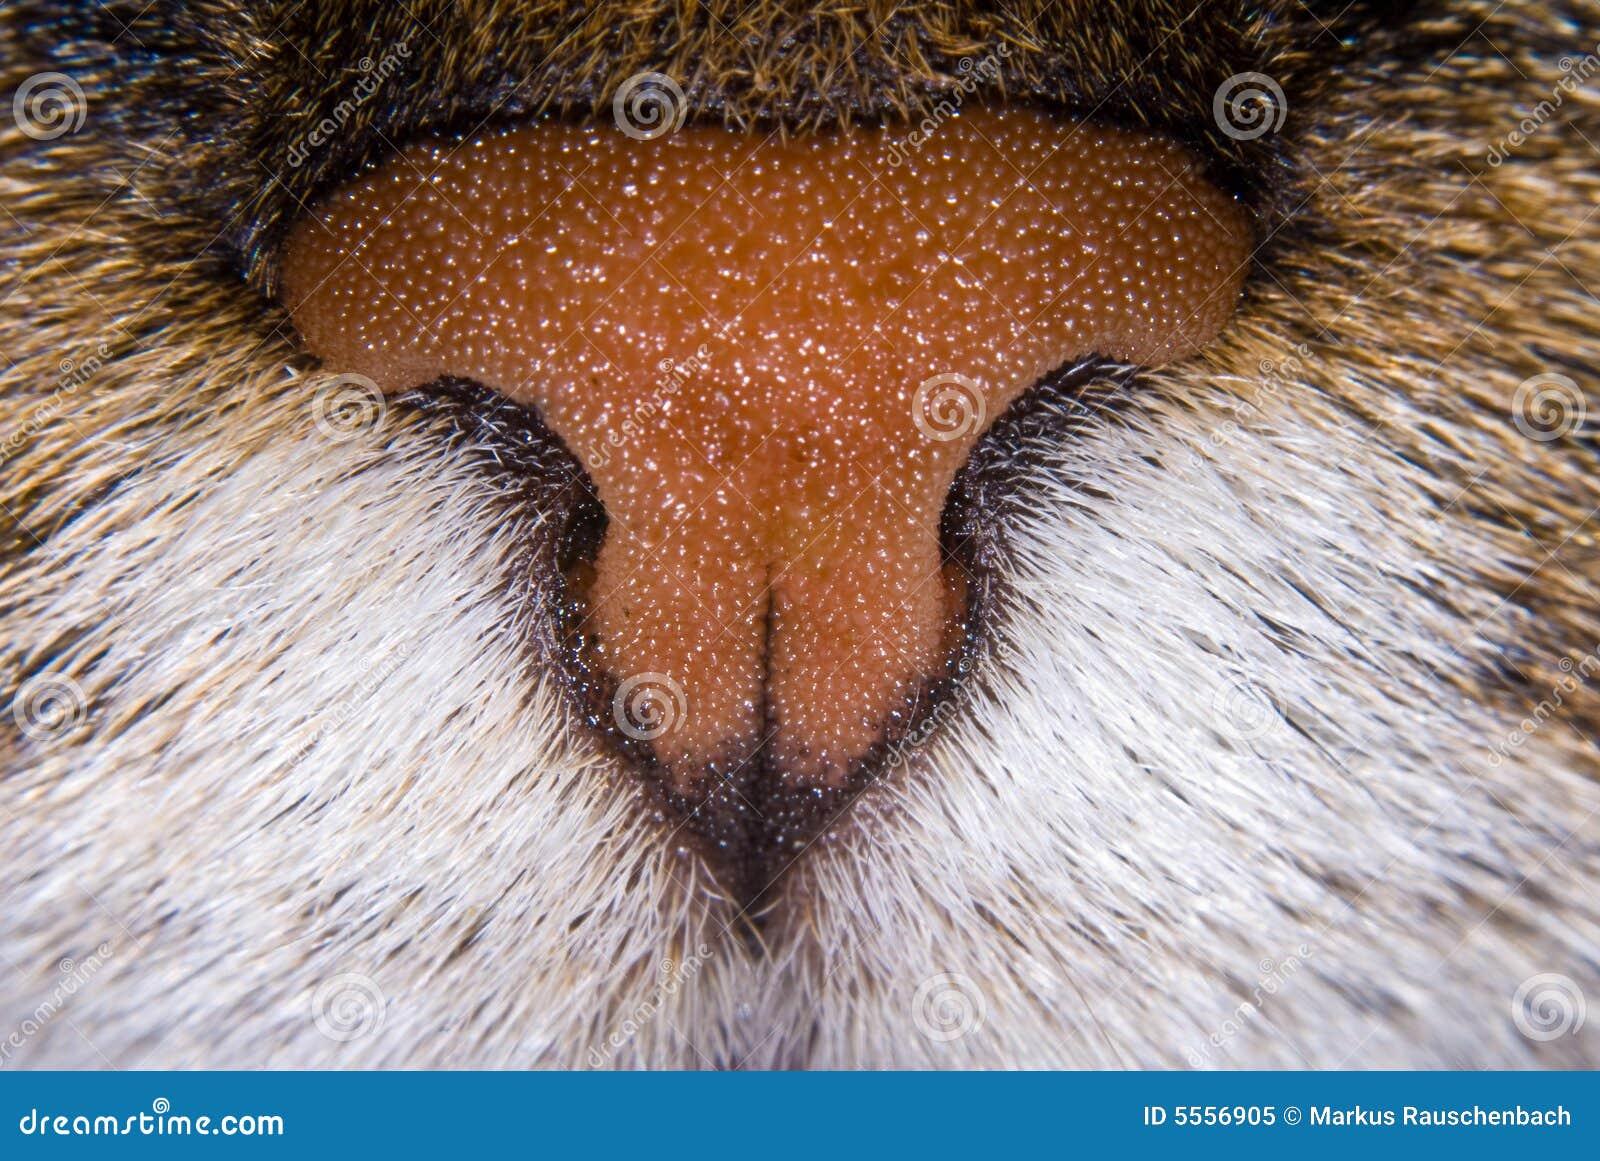 Detalhes de nariz dos gatos